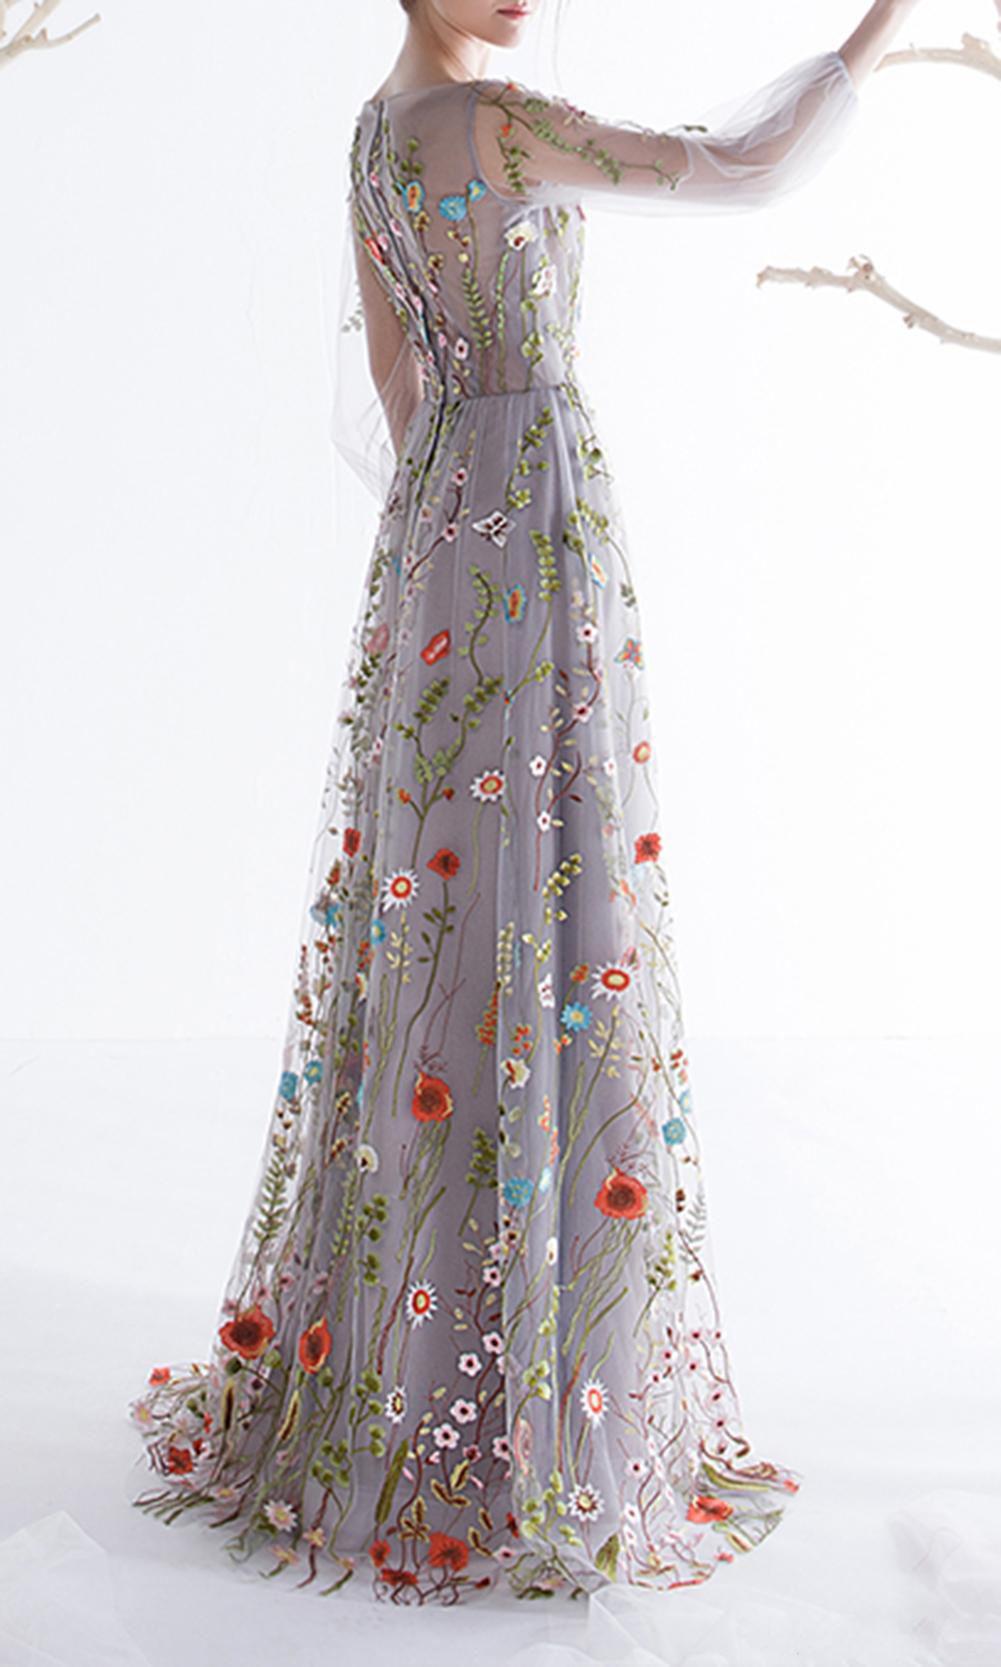 Modern Uzun Kollu Gelinlik Modelleri 2020 Moda Çiçek Nakış A-line Şeffaf Abiye Örgün Parti törenlerinde Ucuz Pageant Elbise Çin